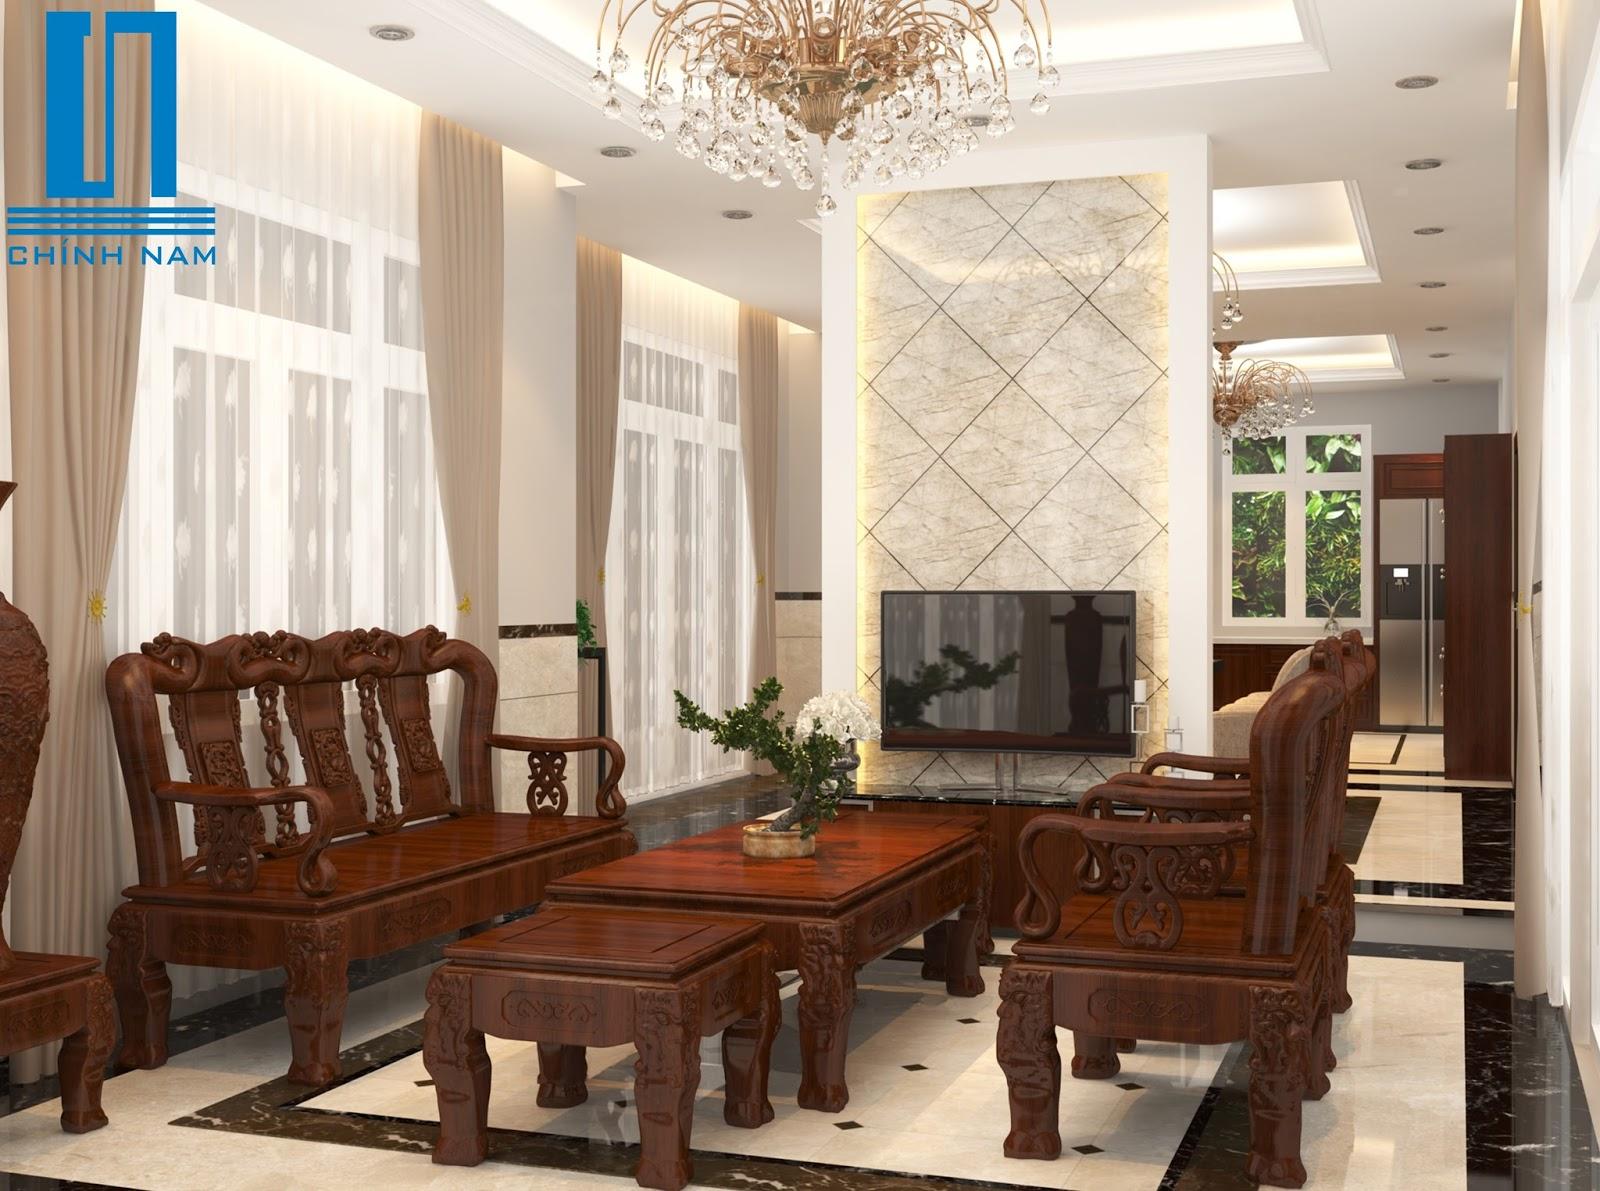 Nội thất phòng khách nhà anh Rành ở Biên Hòa